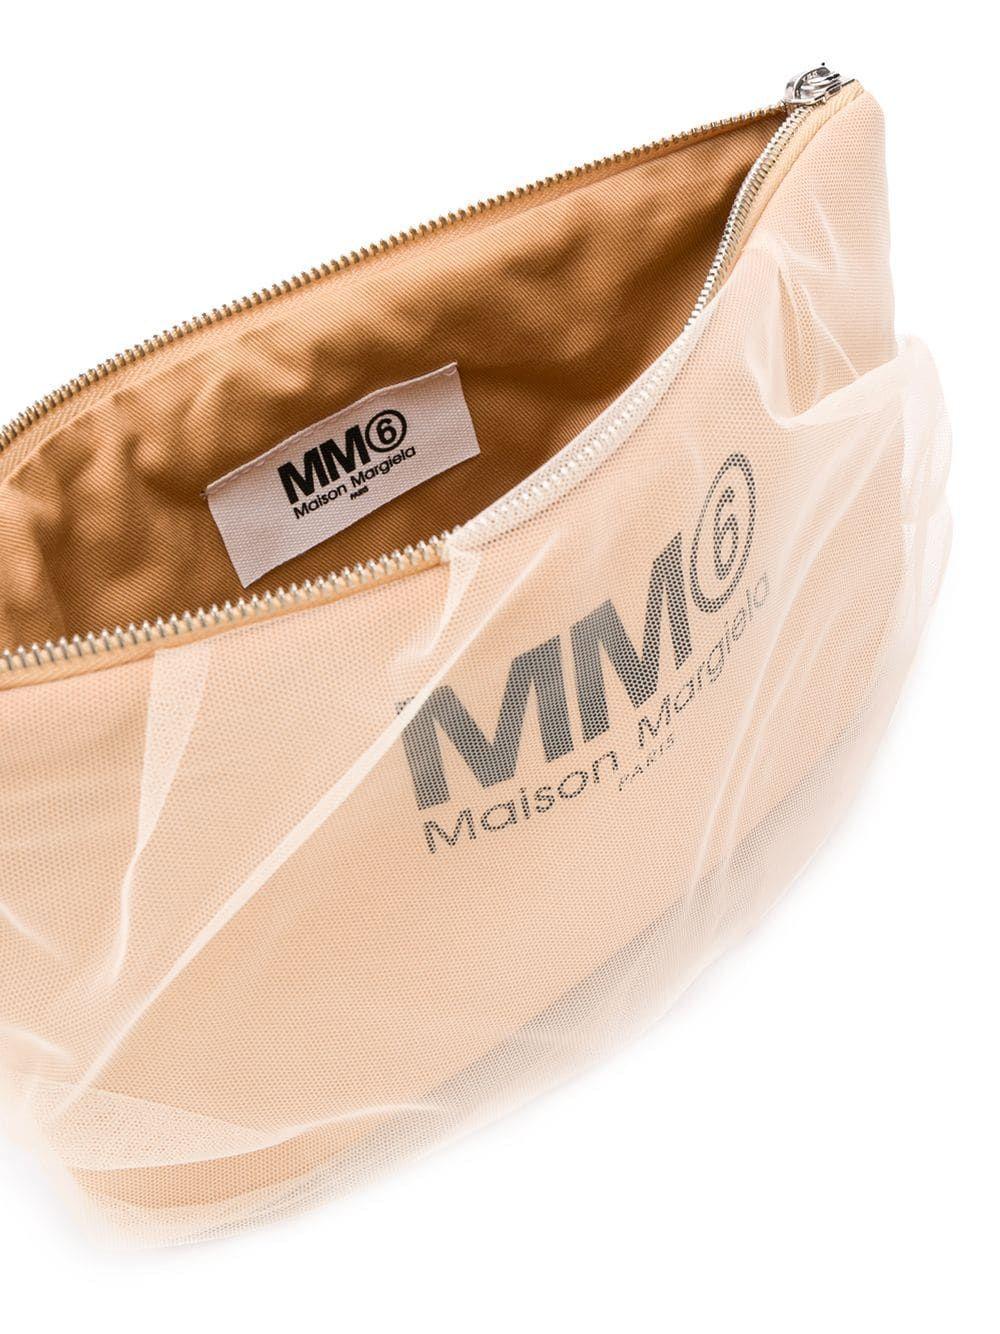 MAISON MARGIELA WOMEN'S S54WF0037P2727H4653 PINK SYNTHETIC FIBERS POUCH